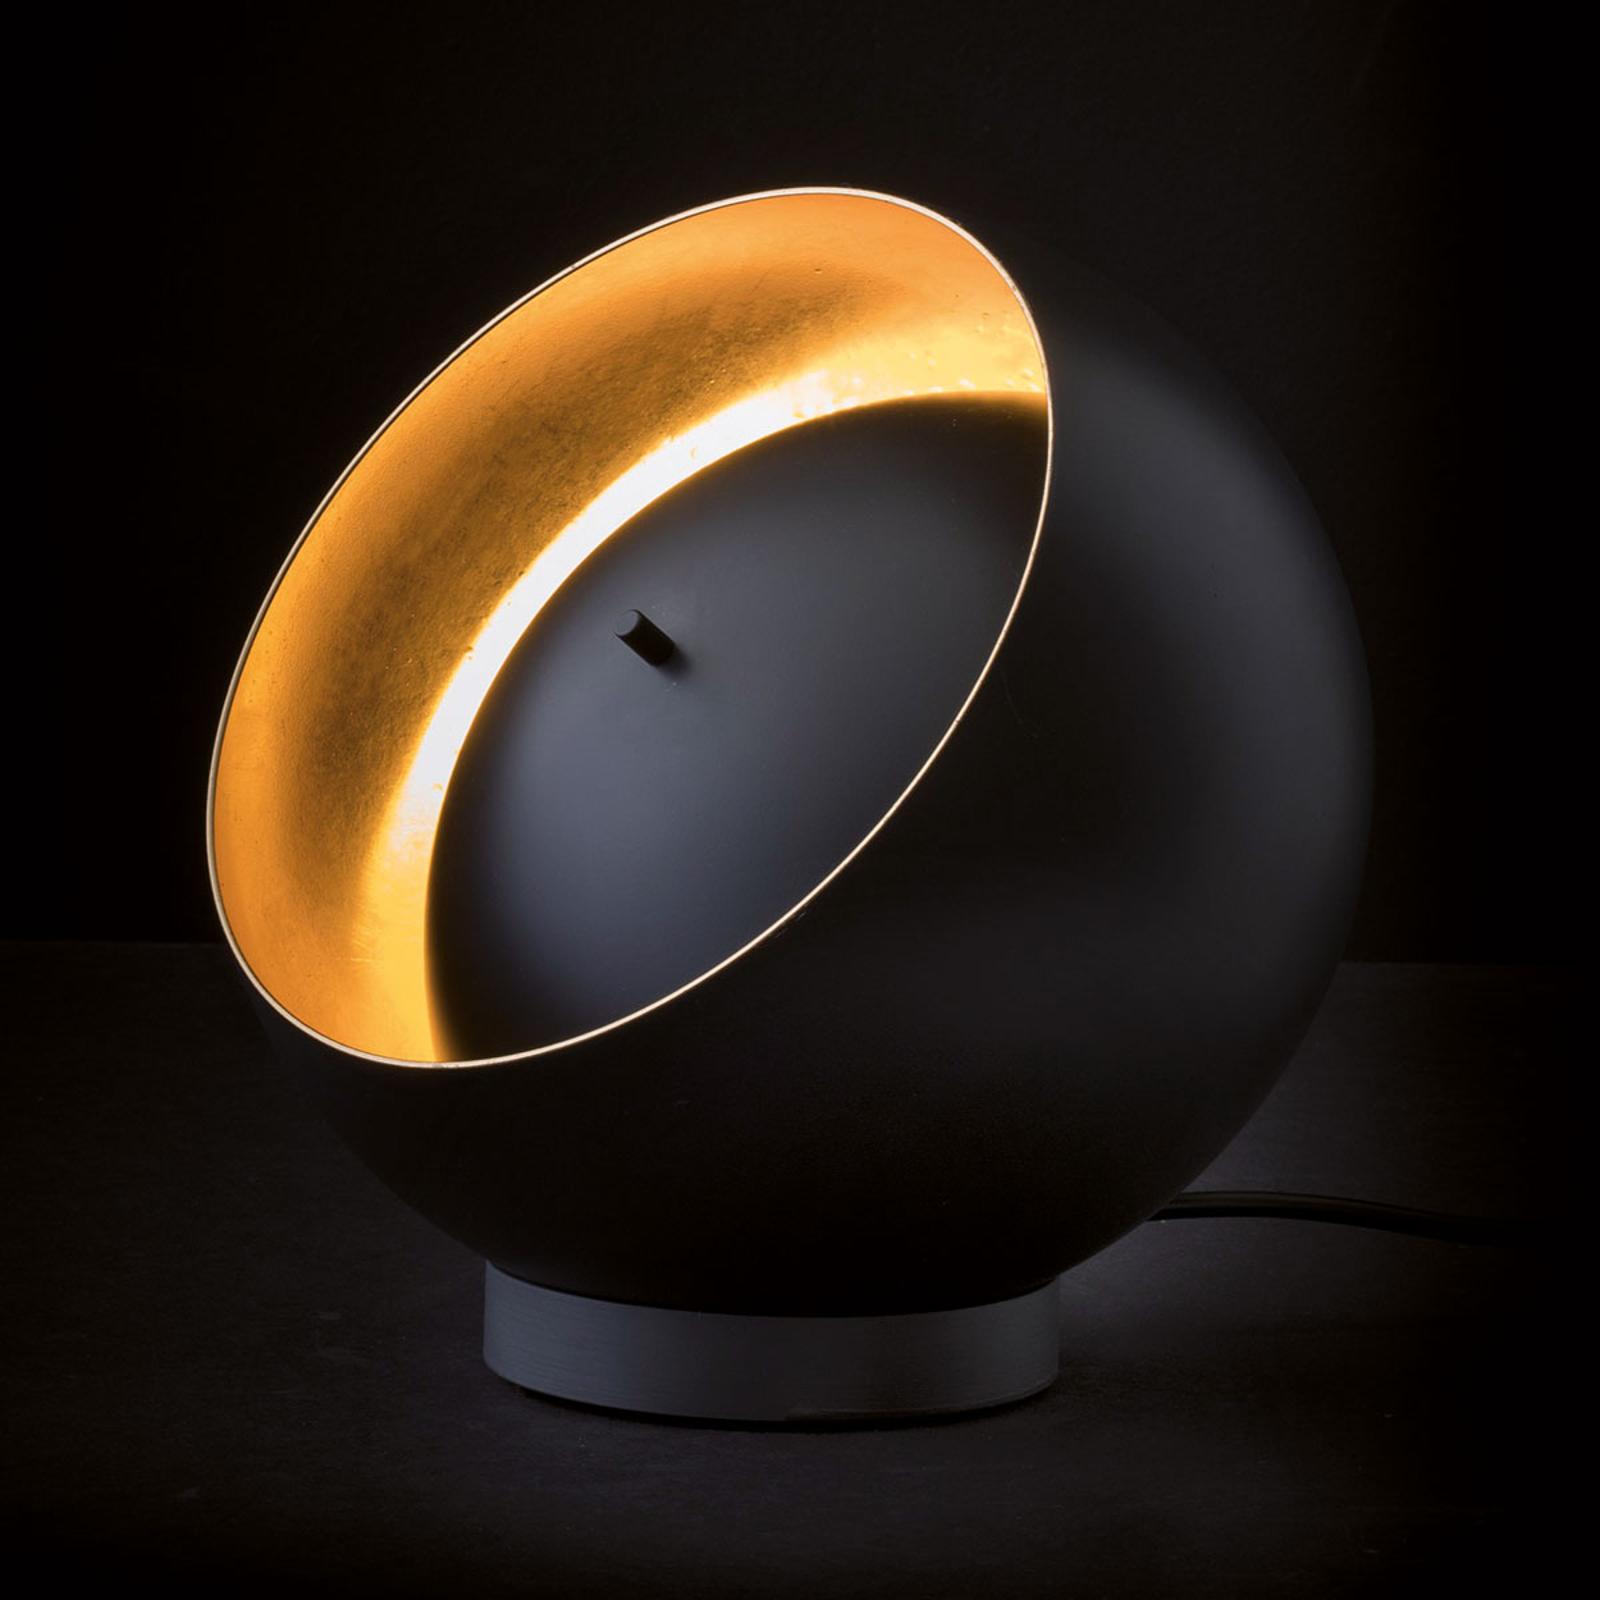 Oluce Eva LED-bordlampe i kugleform, sort